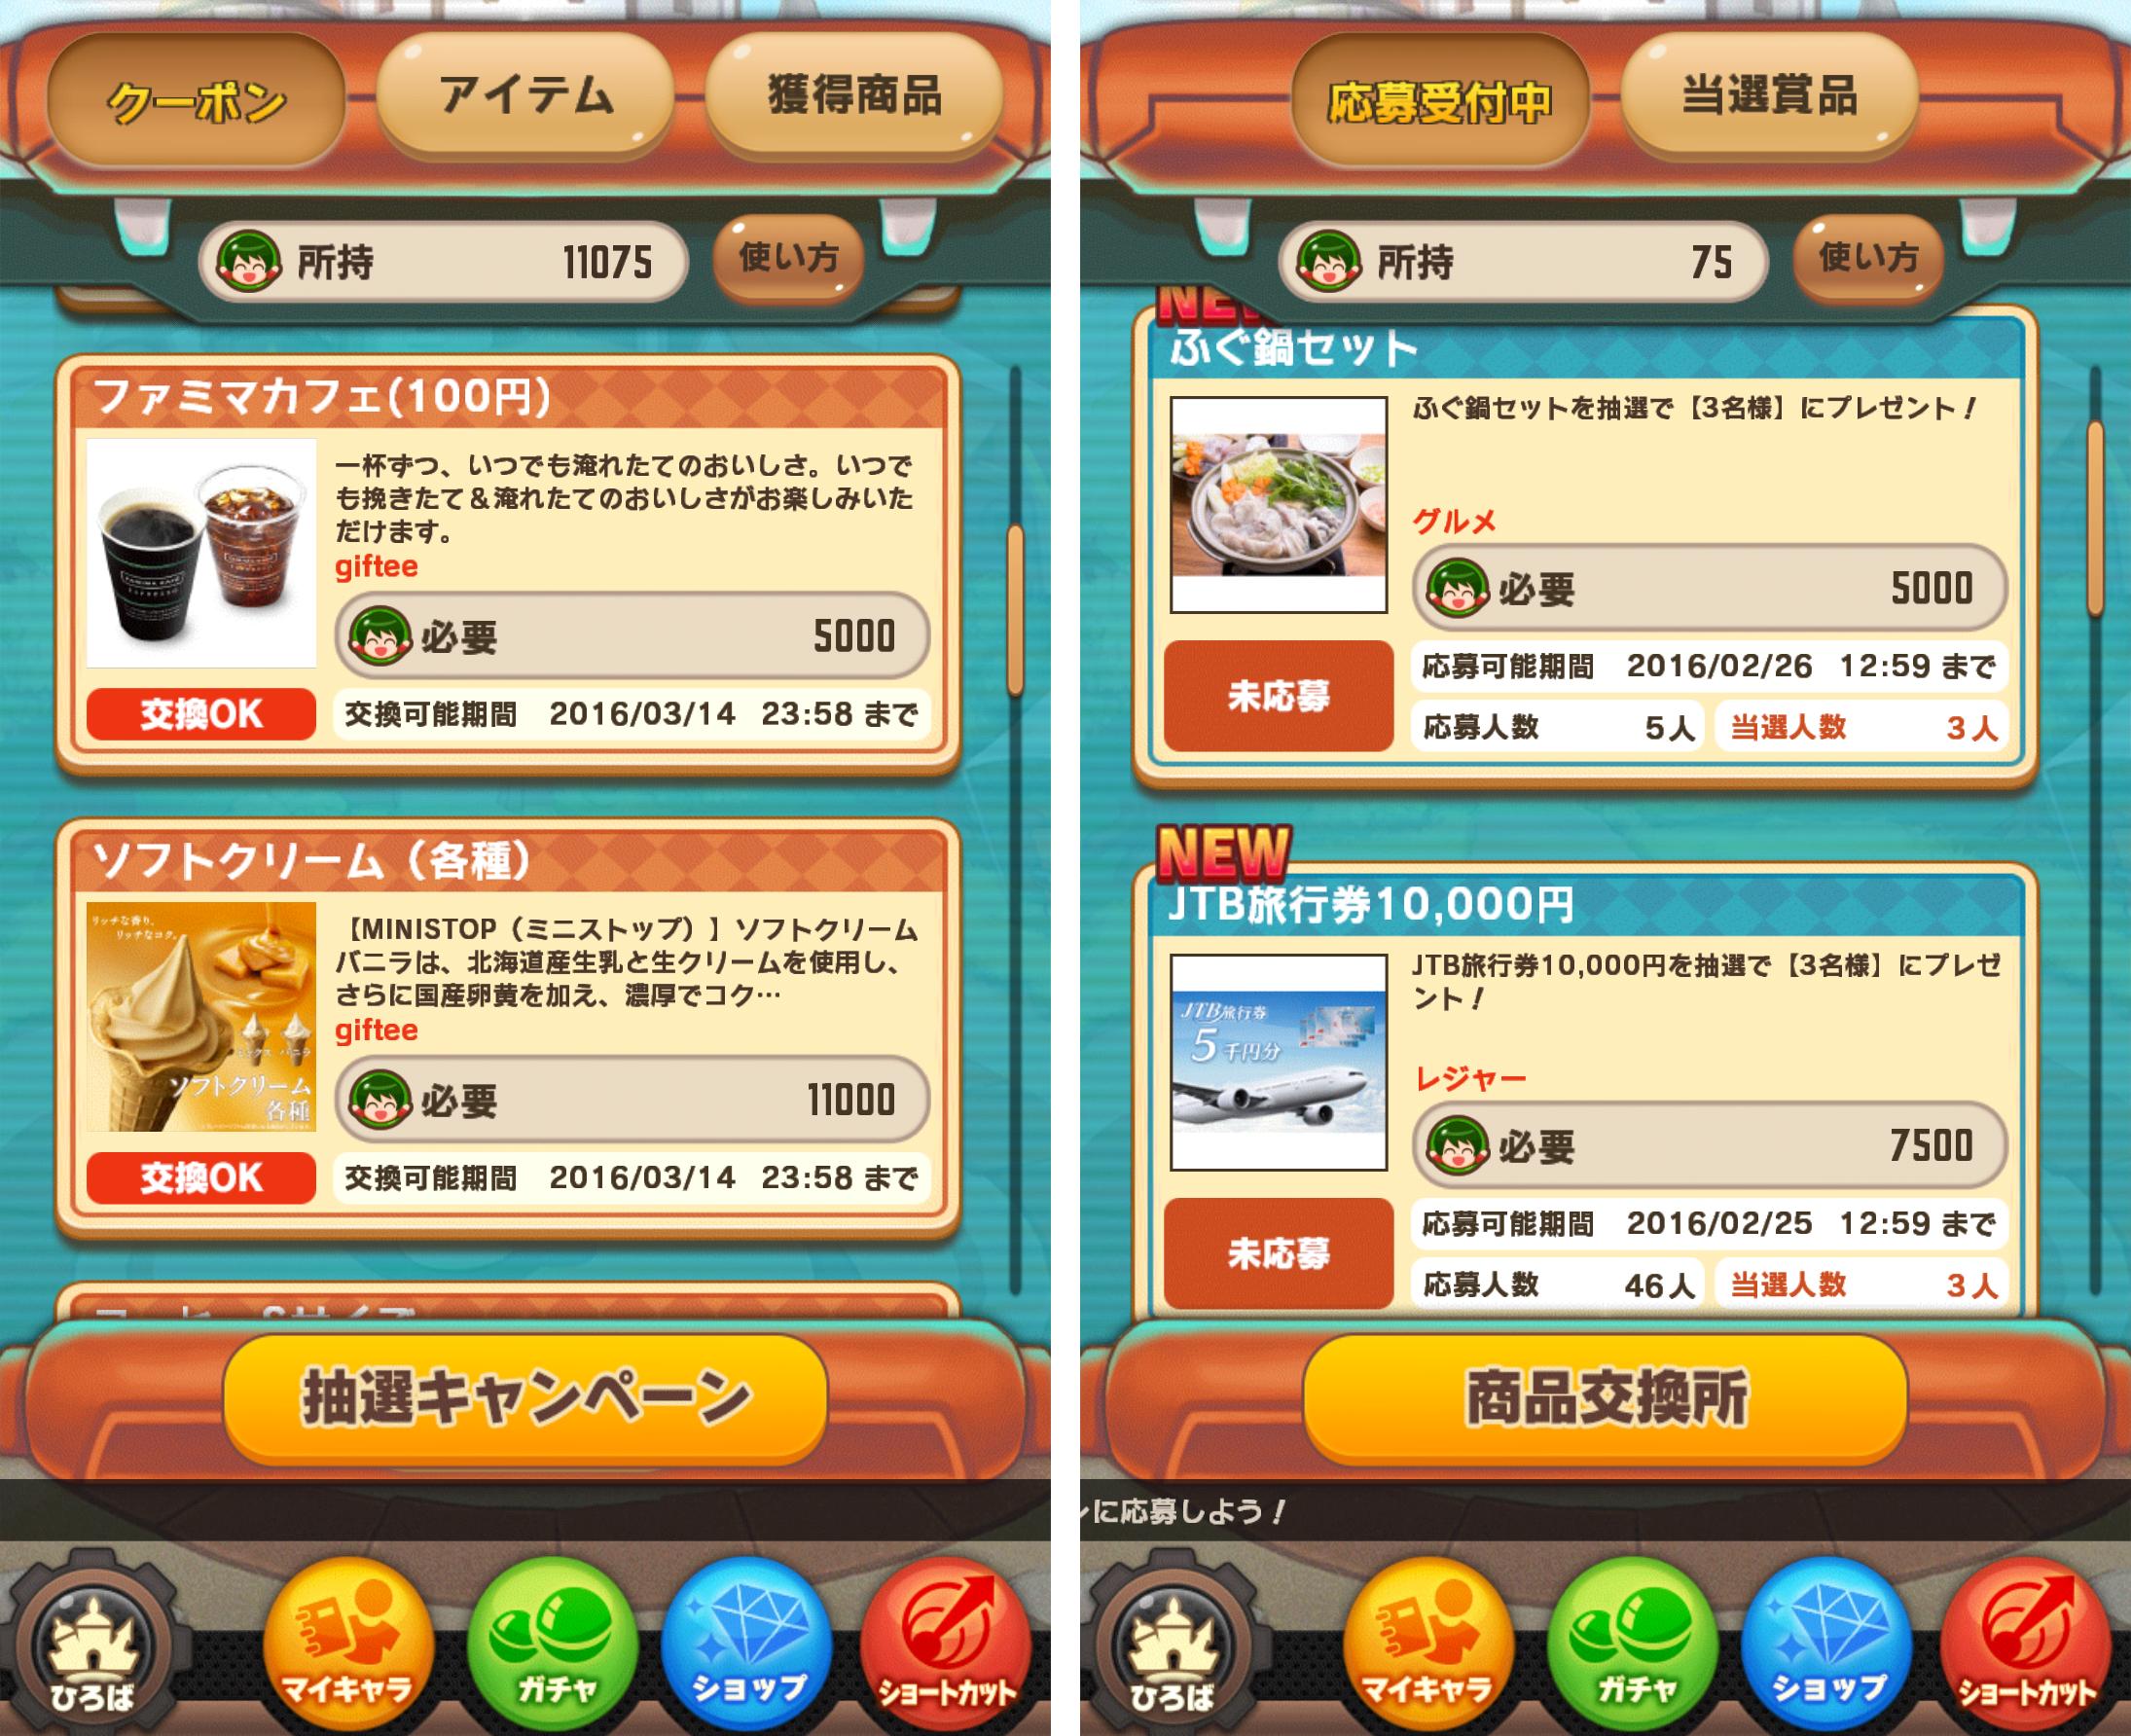 大集合!ワイワイパーティ(ワイパ) androidアプリスクリーンショット2